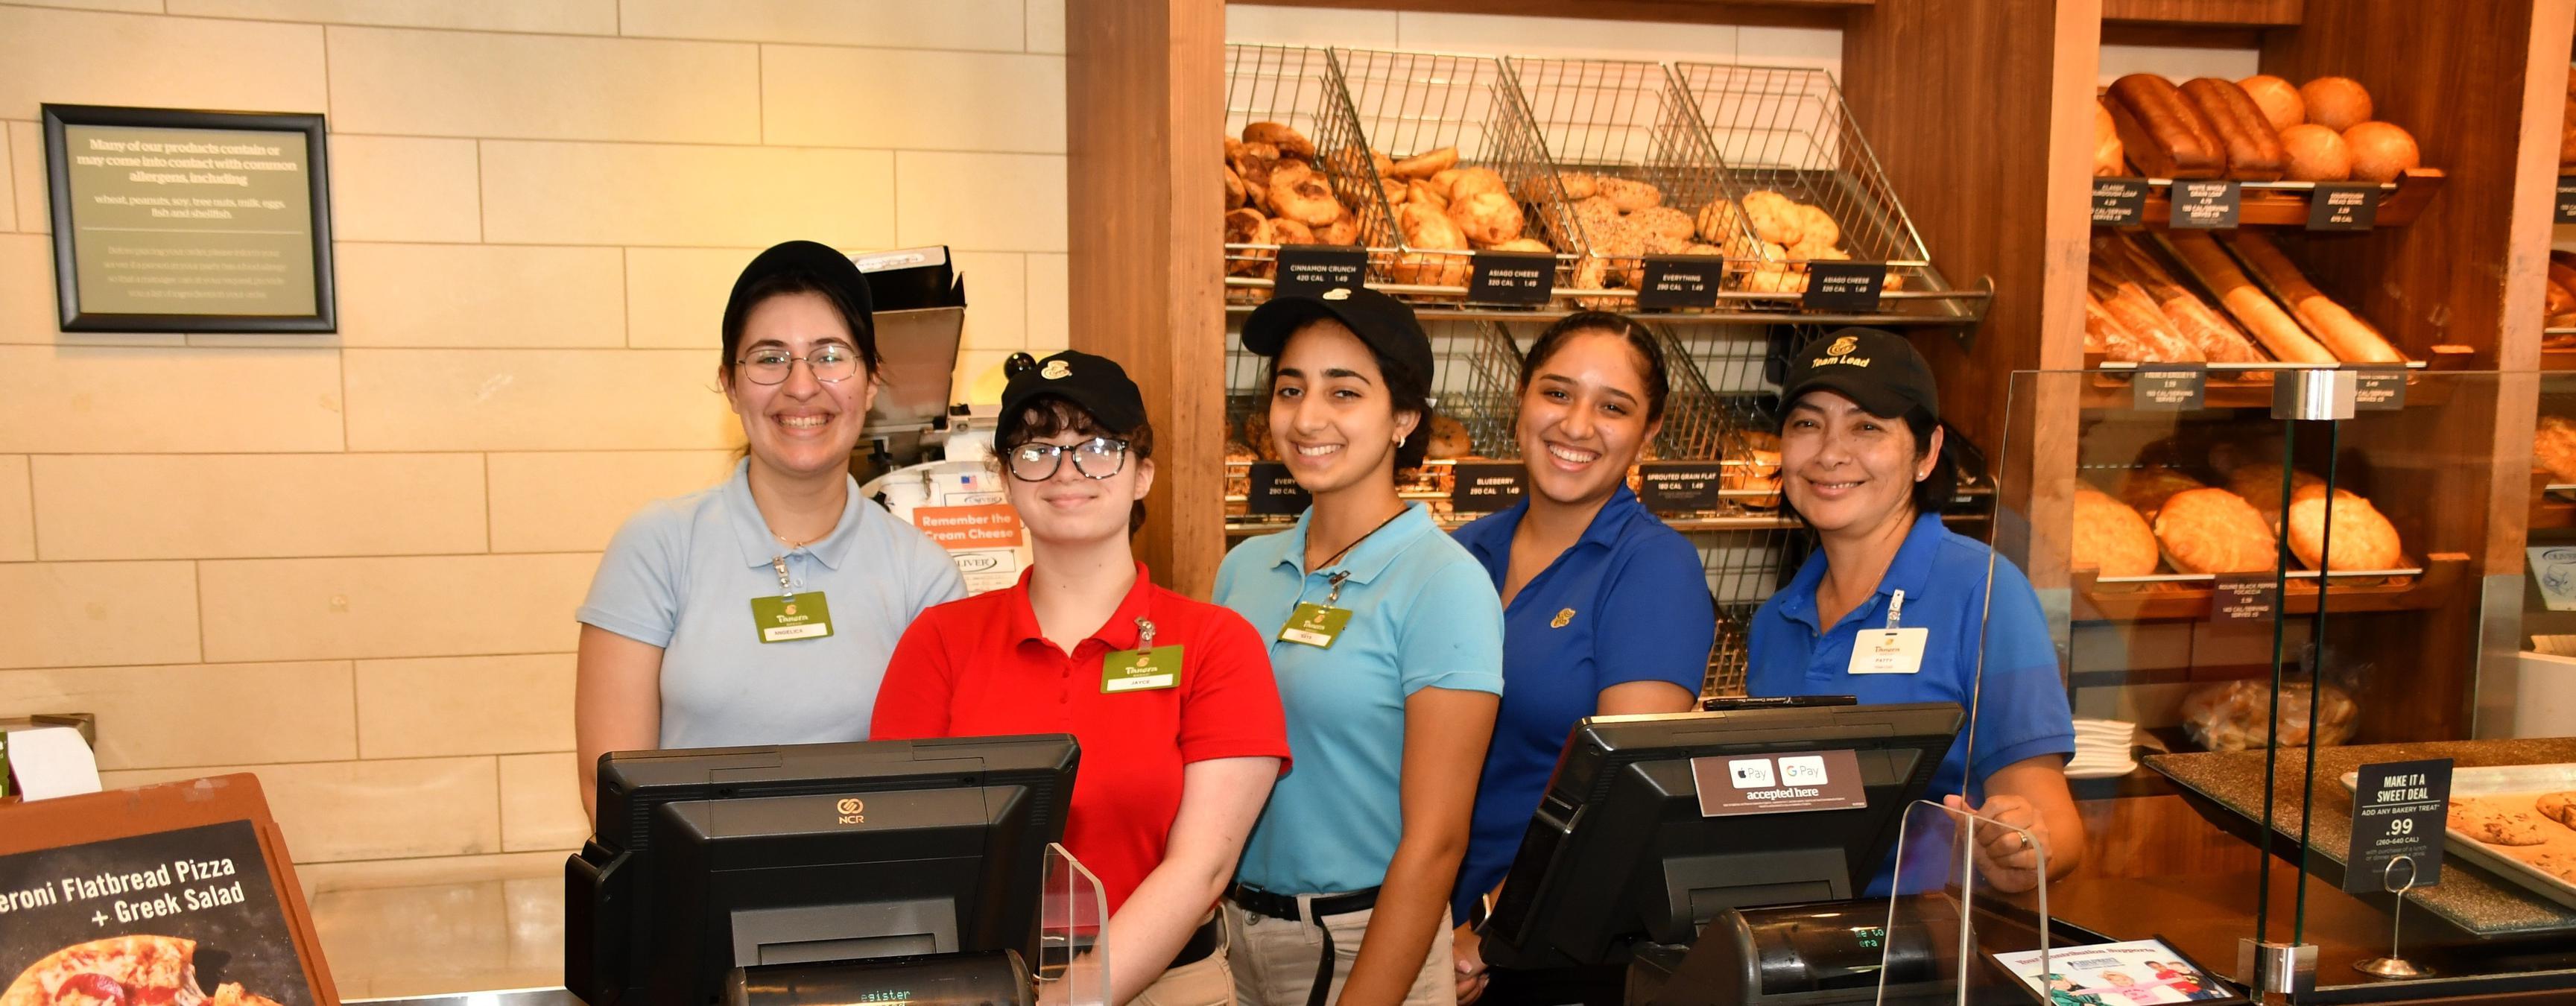 Panera Bread Tampa Brand Cover